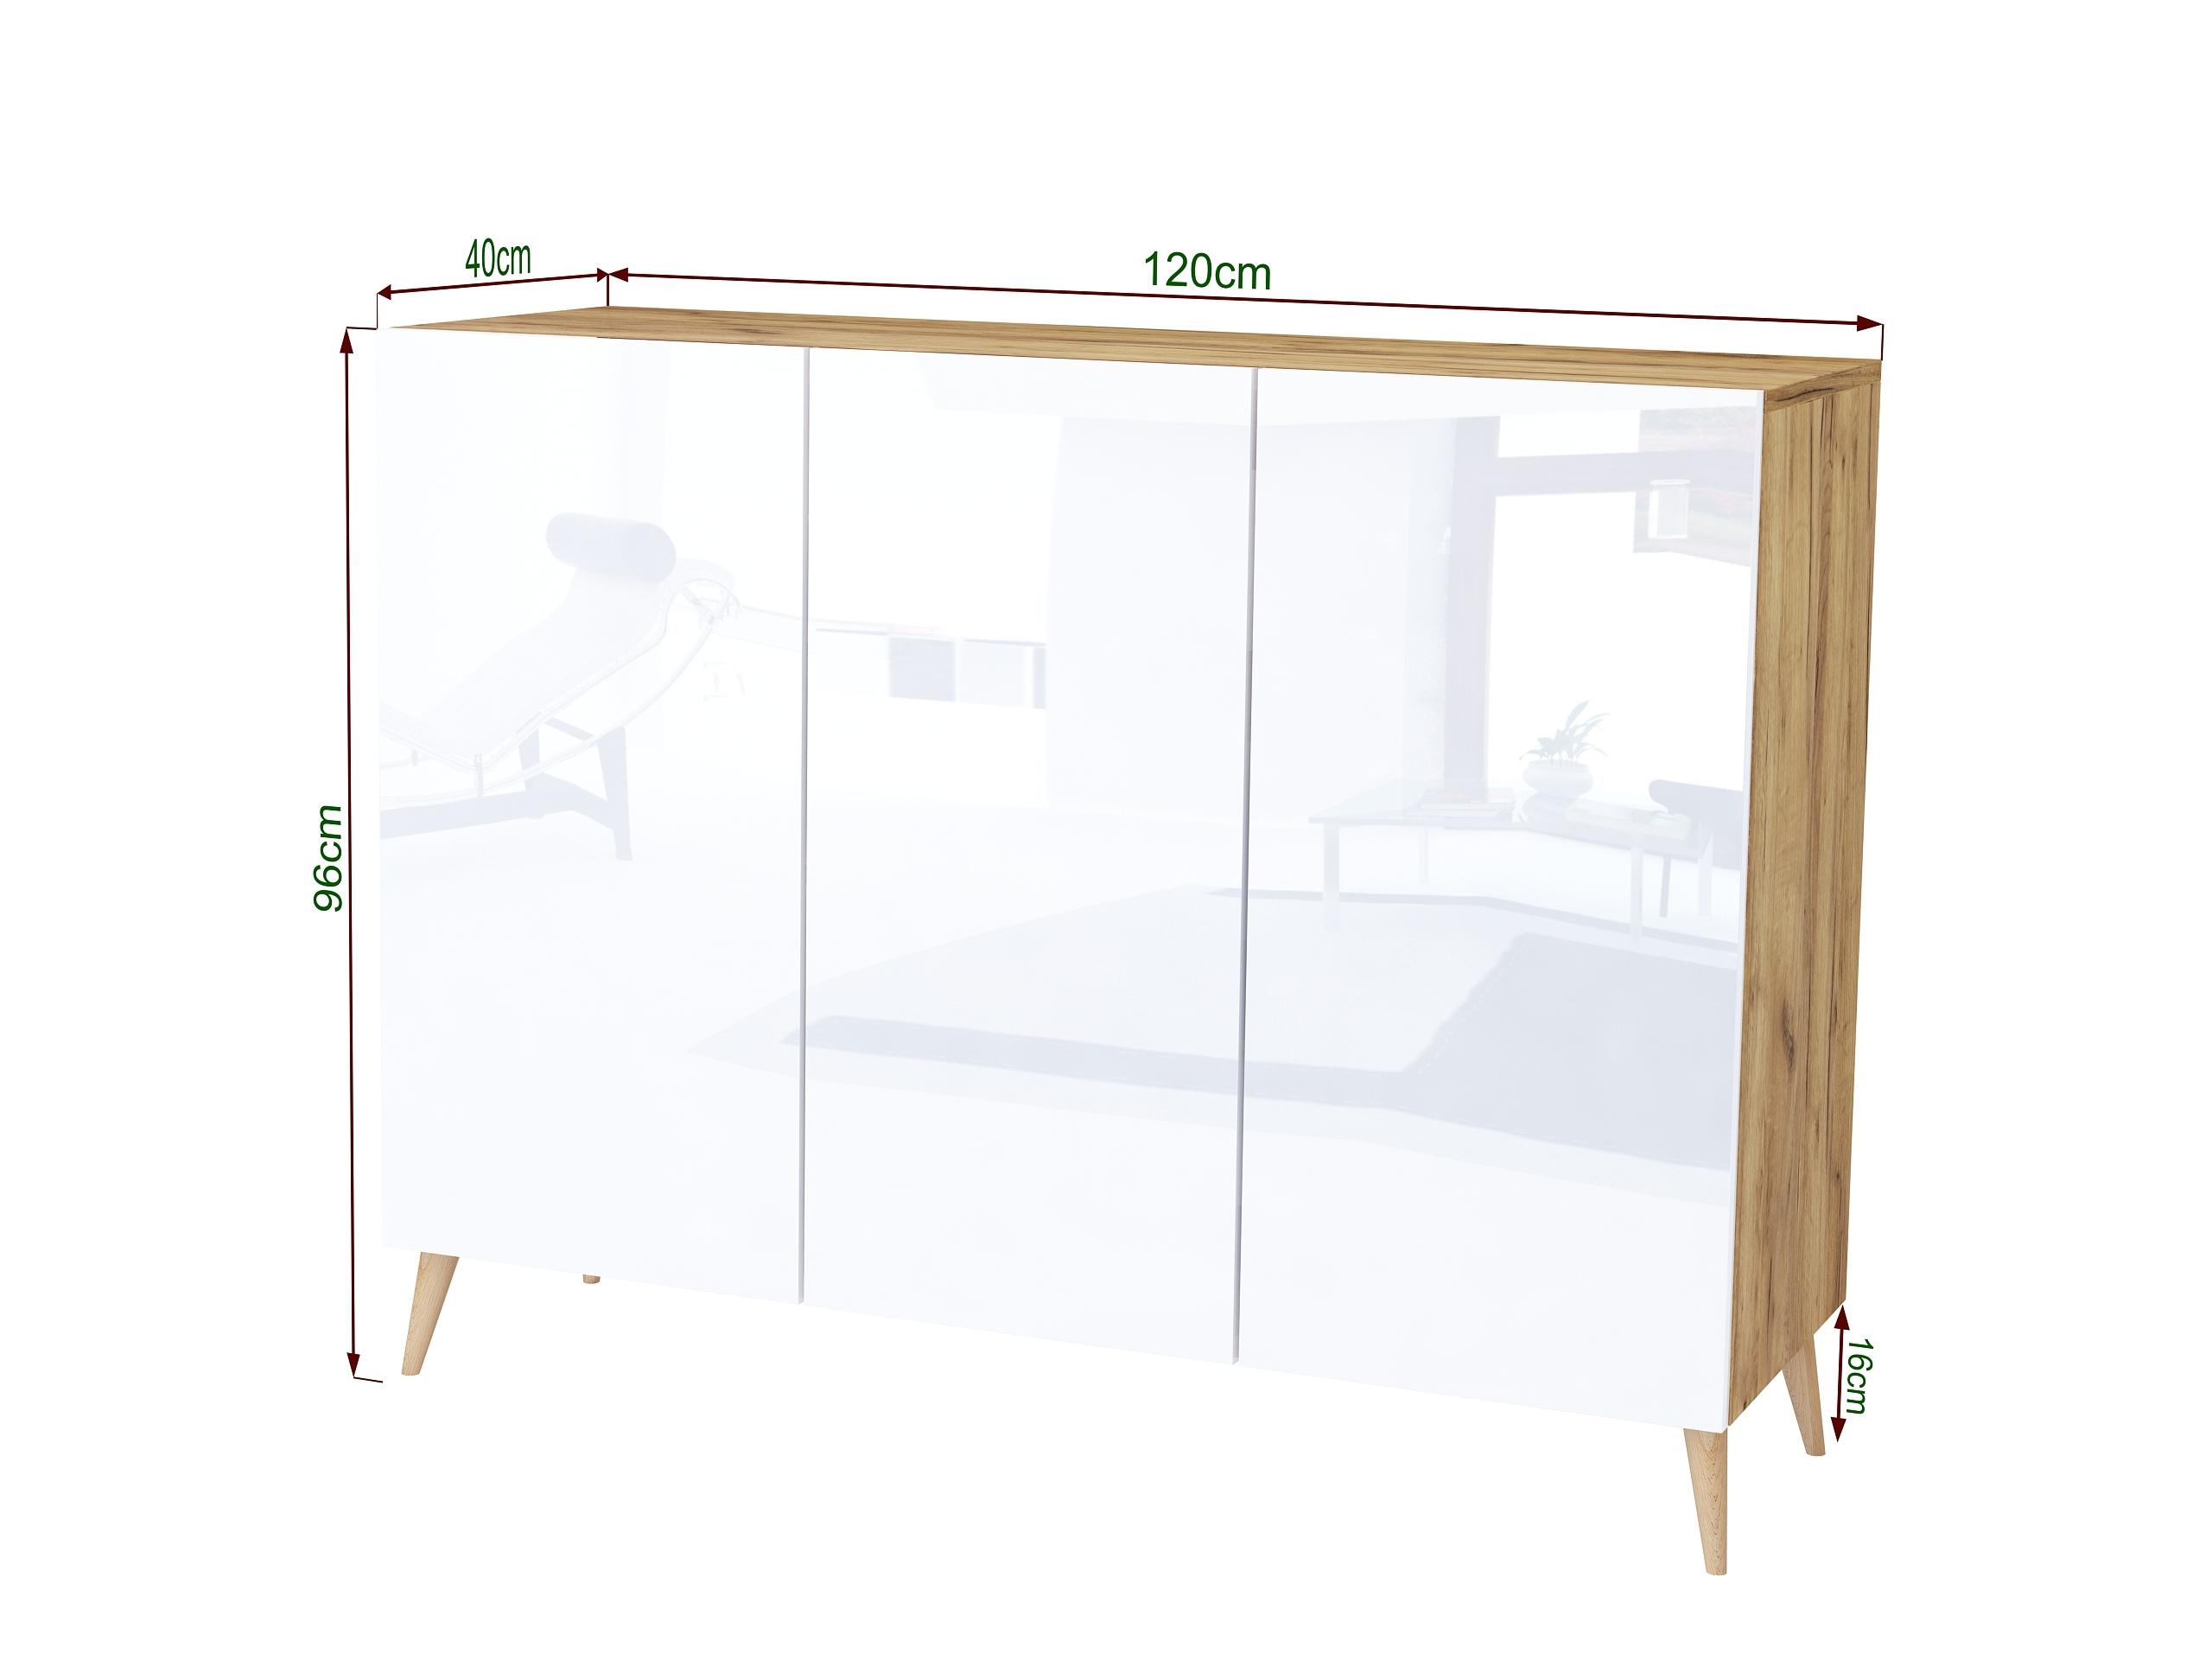 dąb craft, dąb złoty, drewniane nogi, stojąca komoda do sypialni, wisząca komoda do salonu, szafka do biura